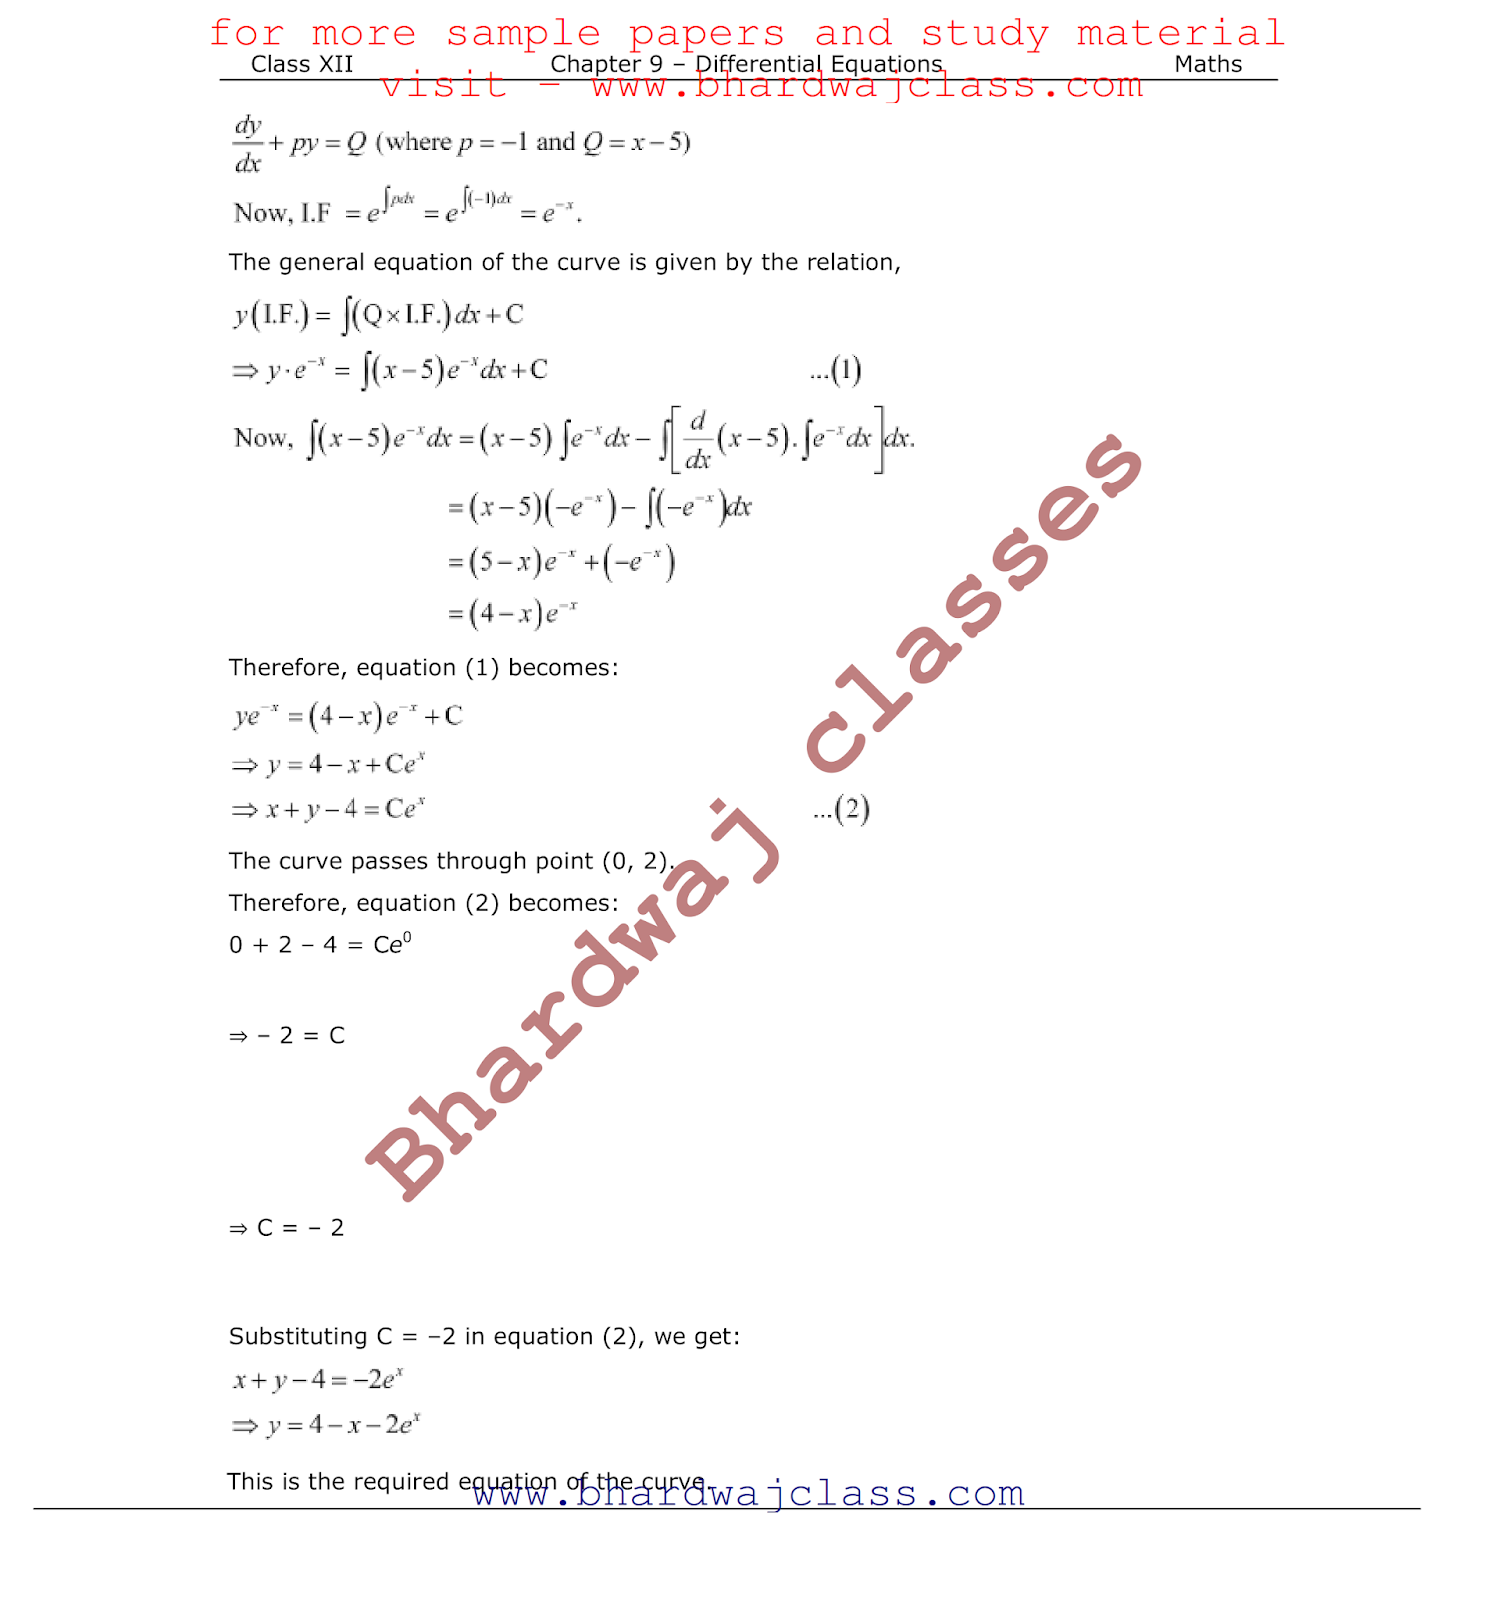 CBSE Class 12 Maths NCERT Solutions Chapter 9